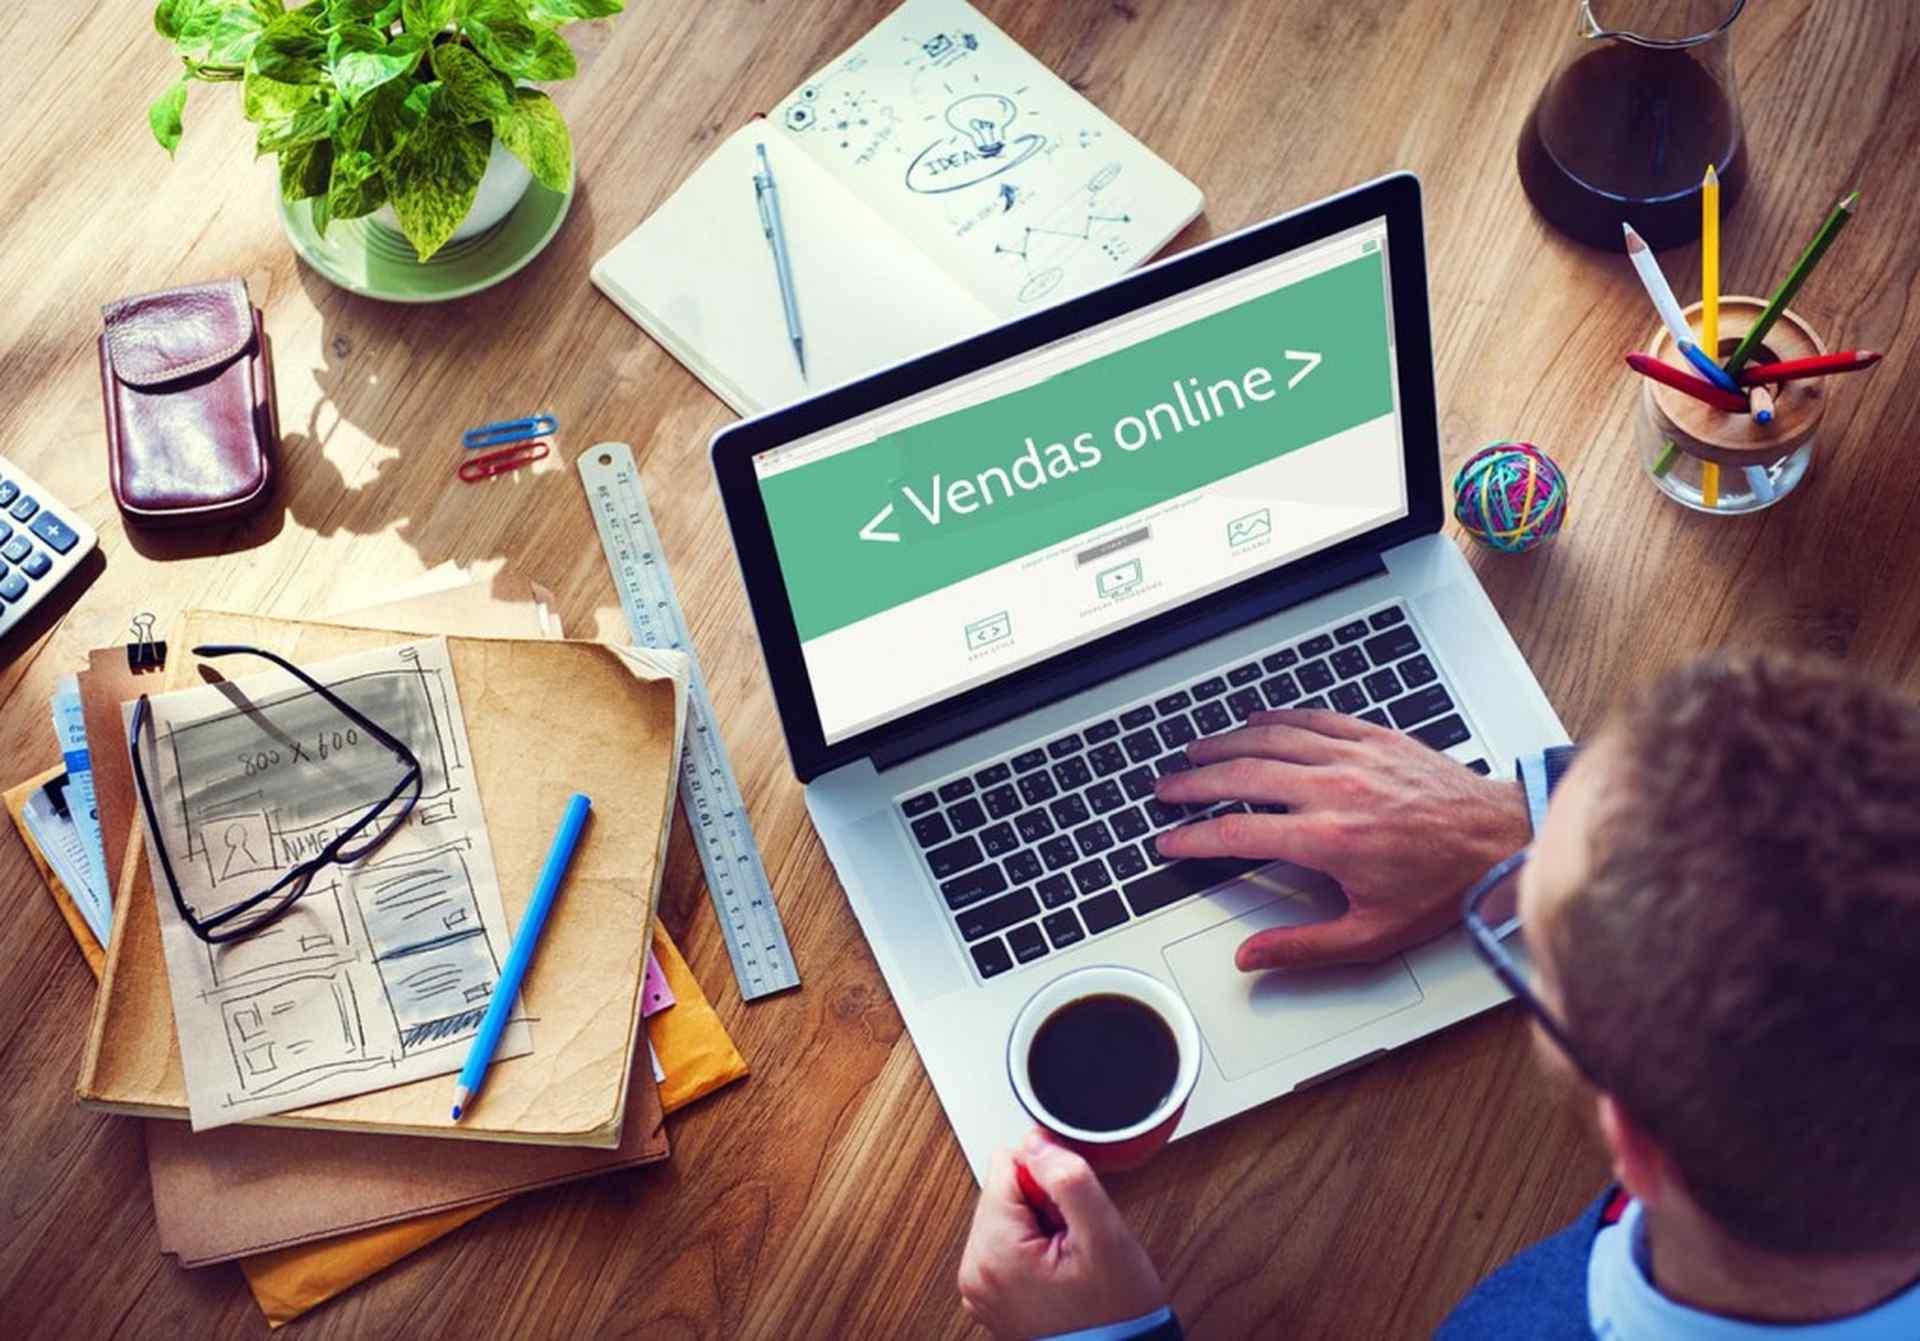 Afiliados – Venda de cursos e serviços online